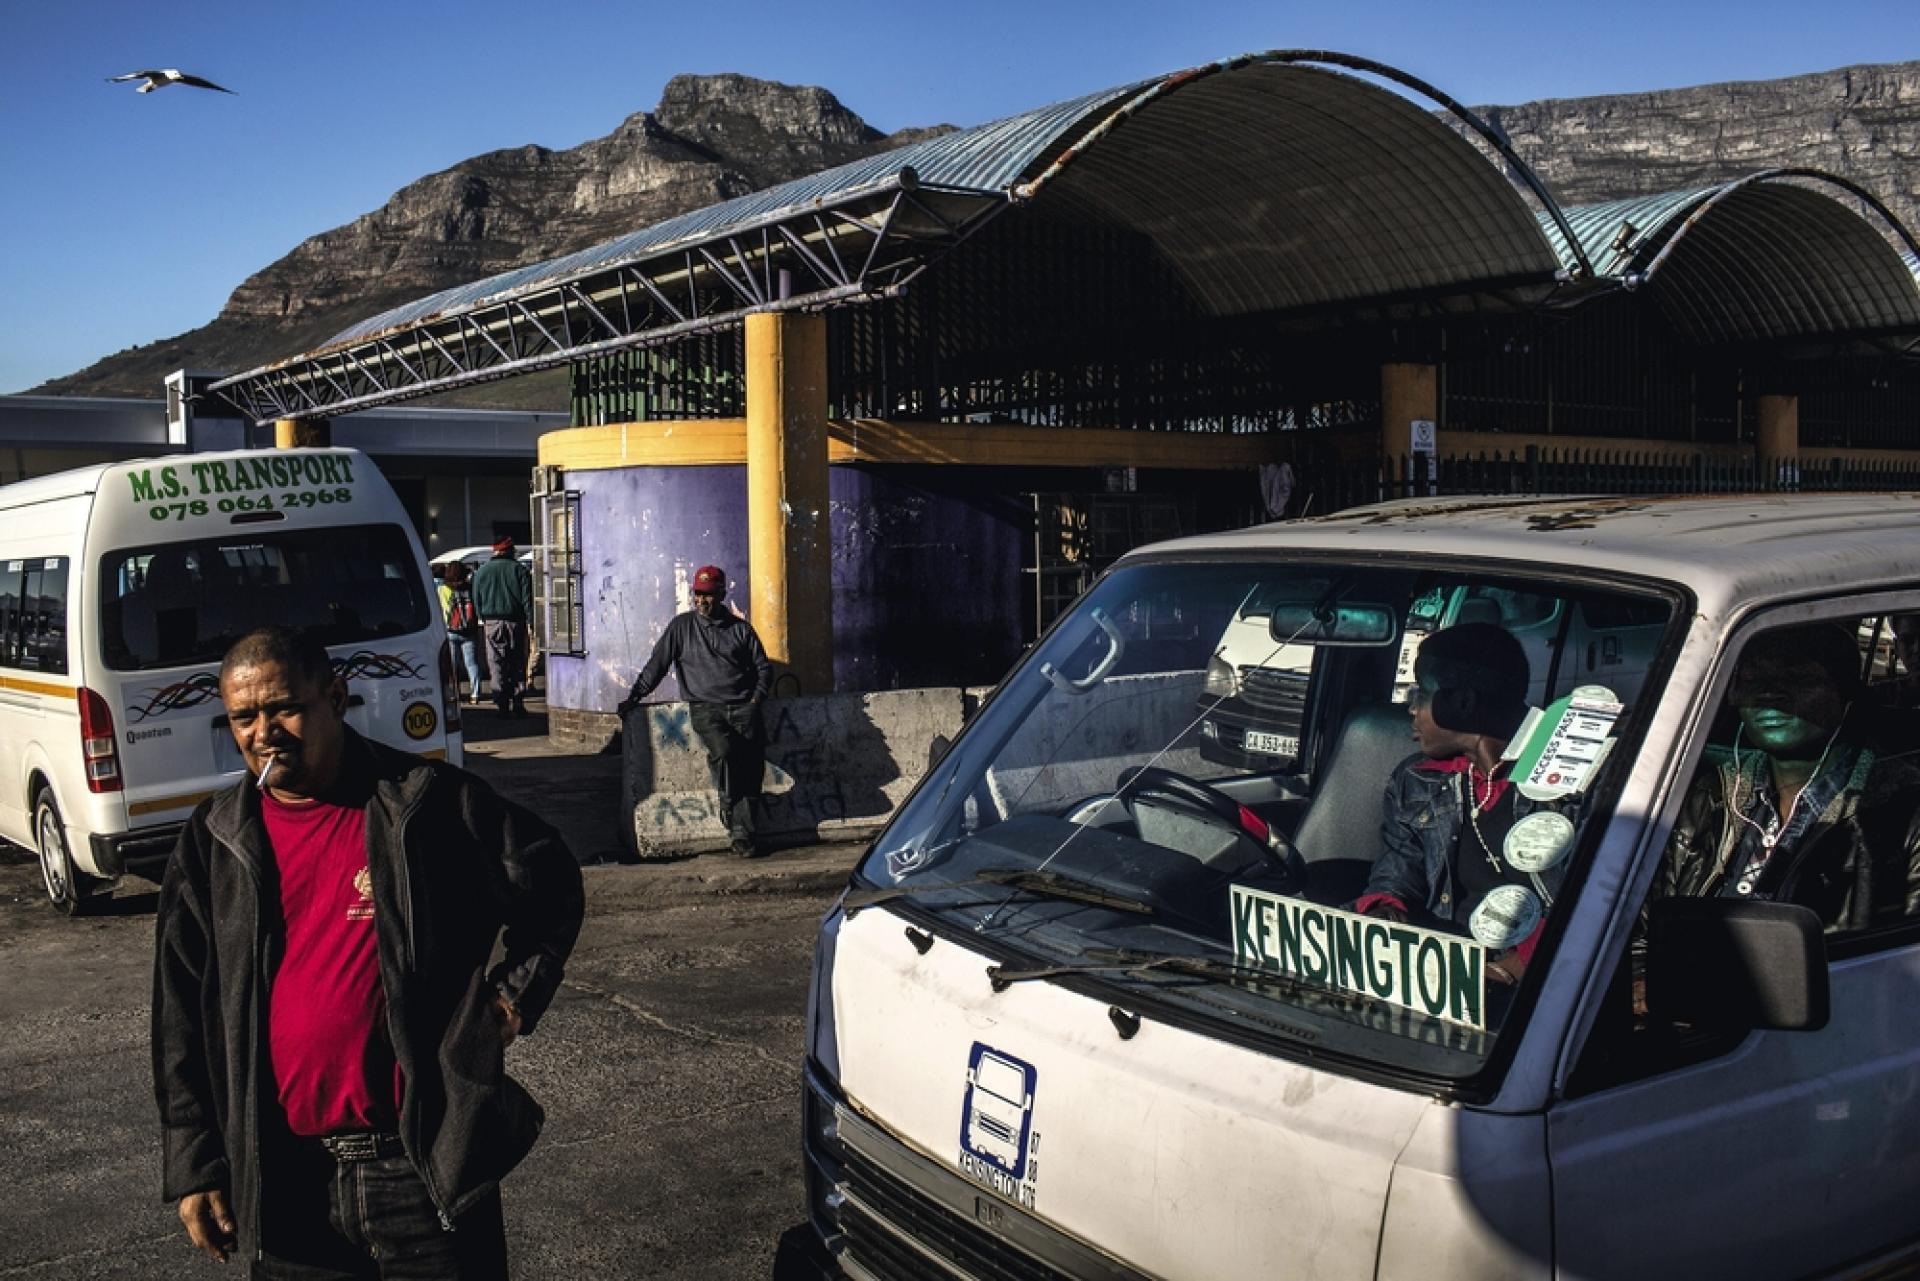 La gare routière du Cap grouille d'activité jour et nuit. C'est le centre névralgique des taxis-minibus, qui arrivent et repartent sans cesse de tous les quartiers de la ville.